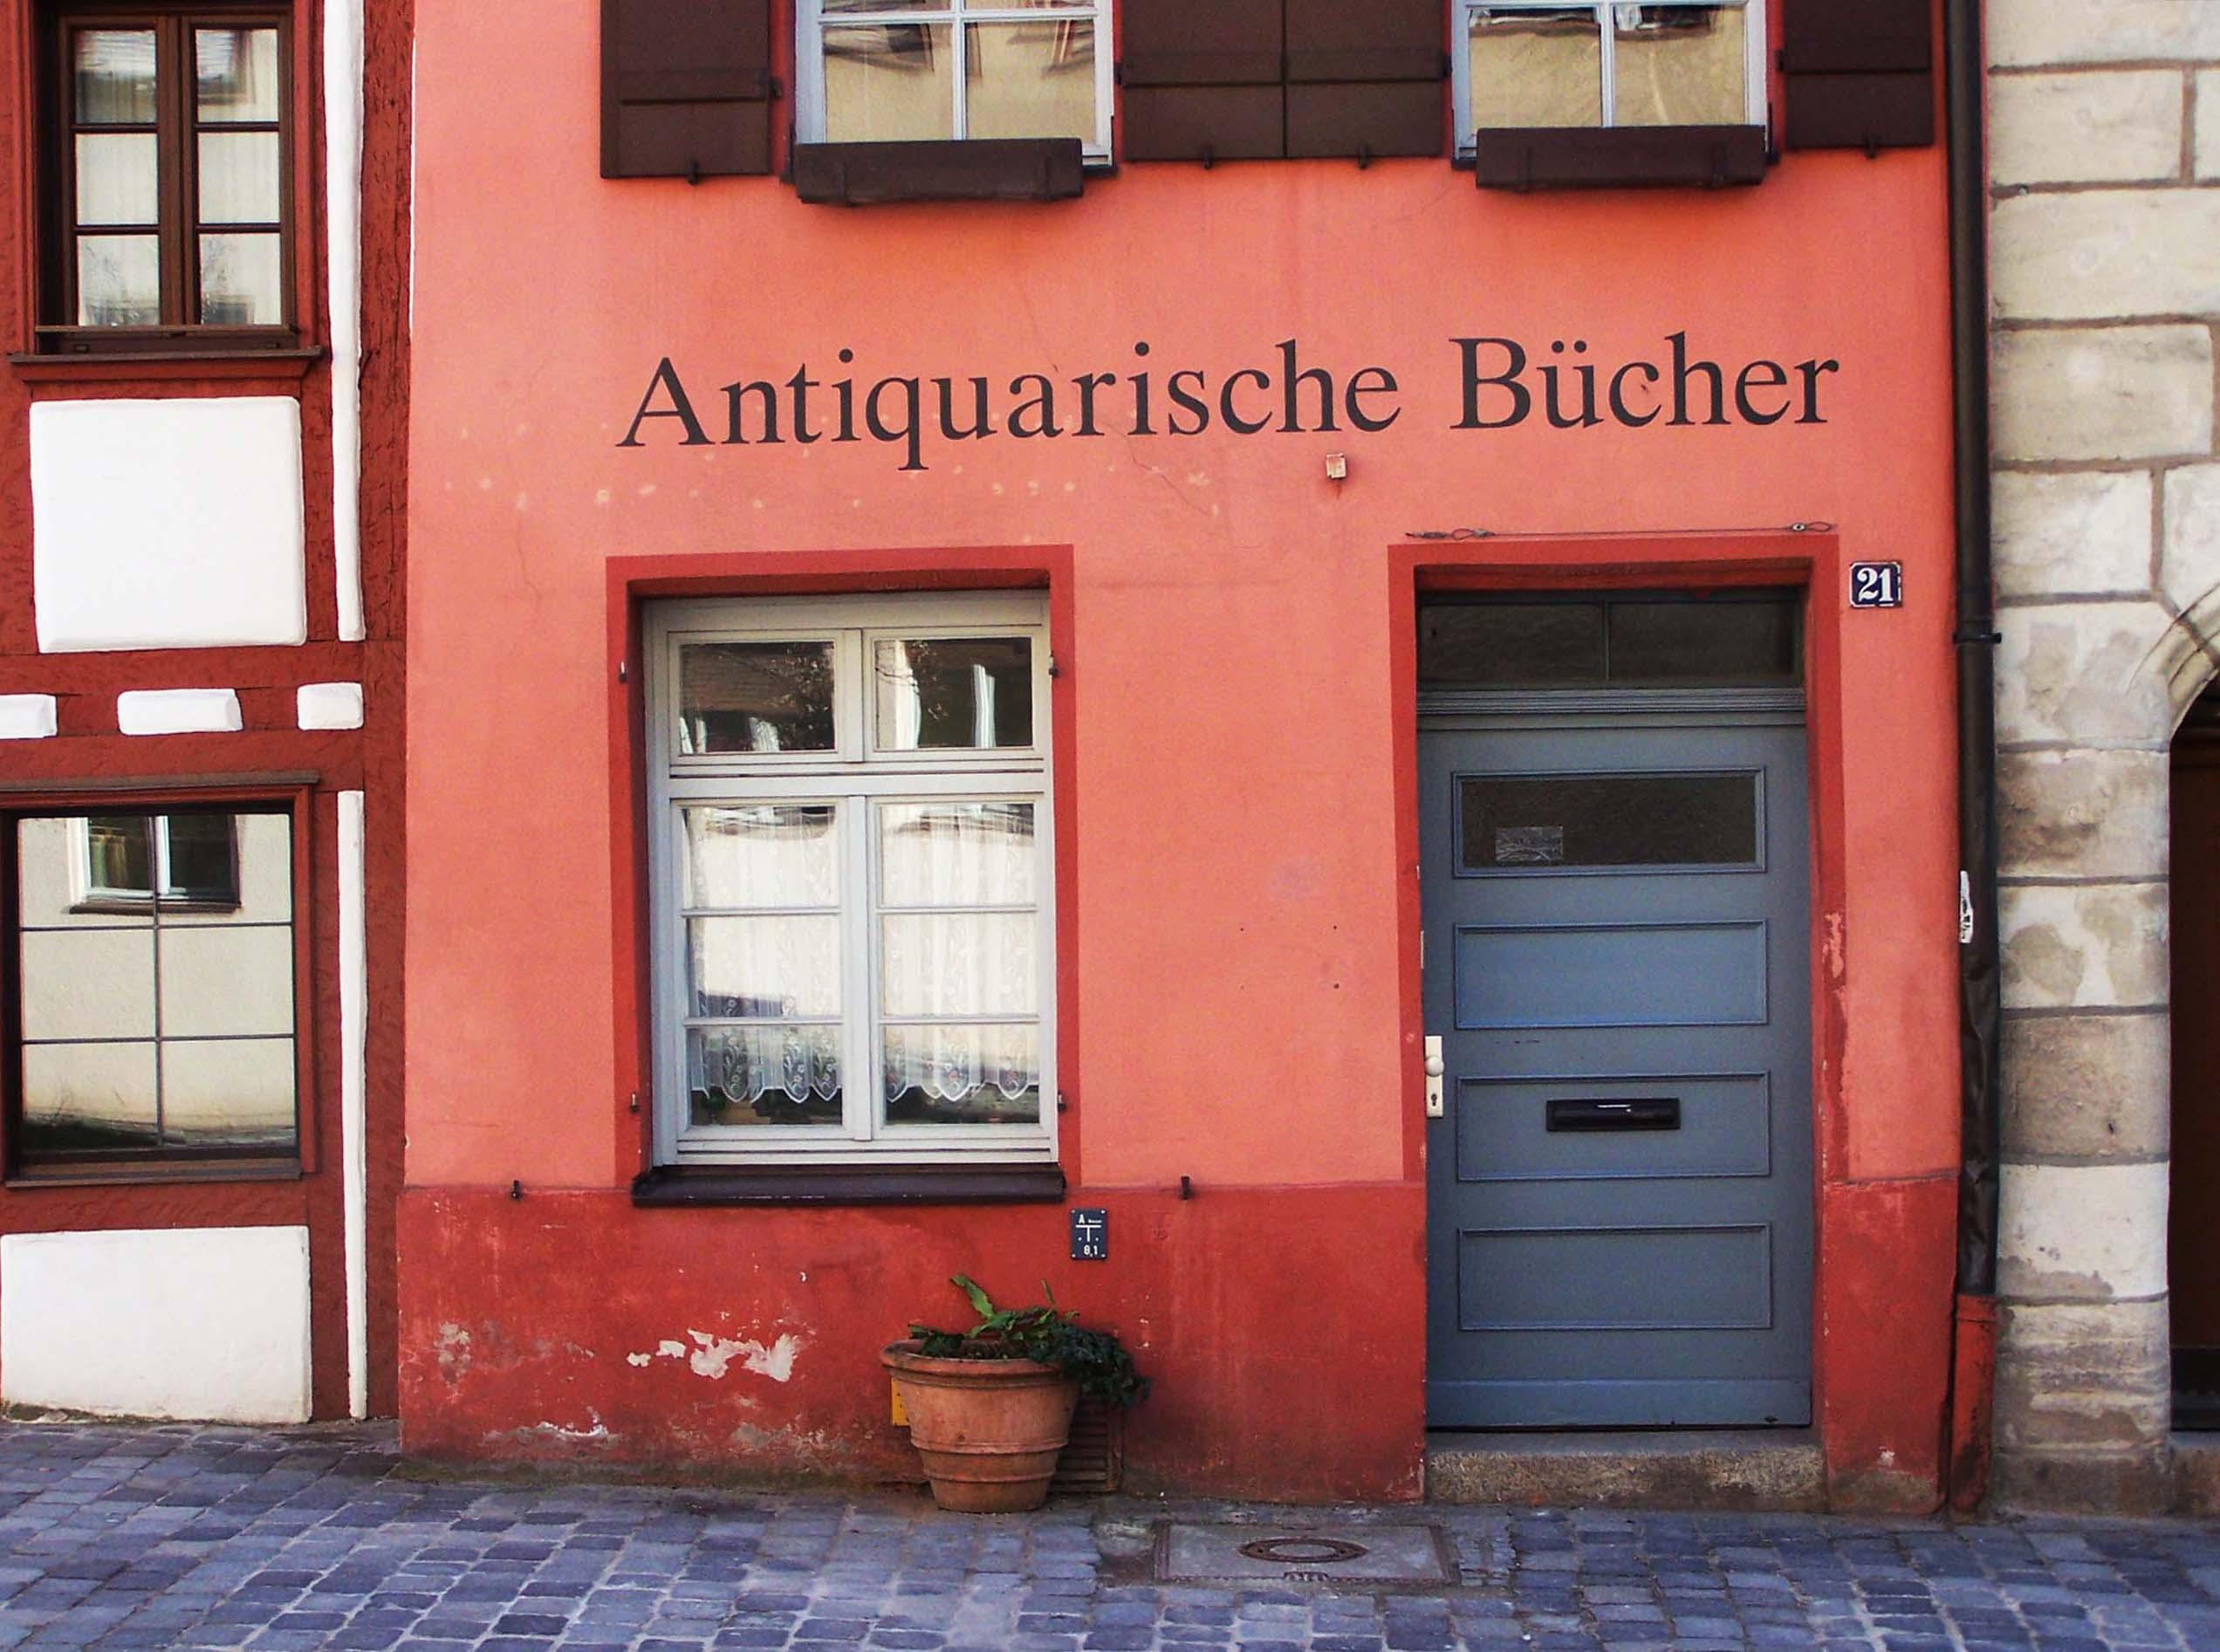 Antiquarische Bücher, Weißgerbergasse 21, Nürnberg